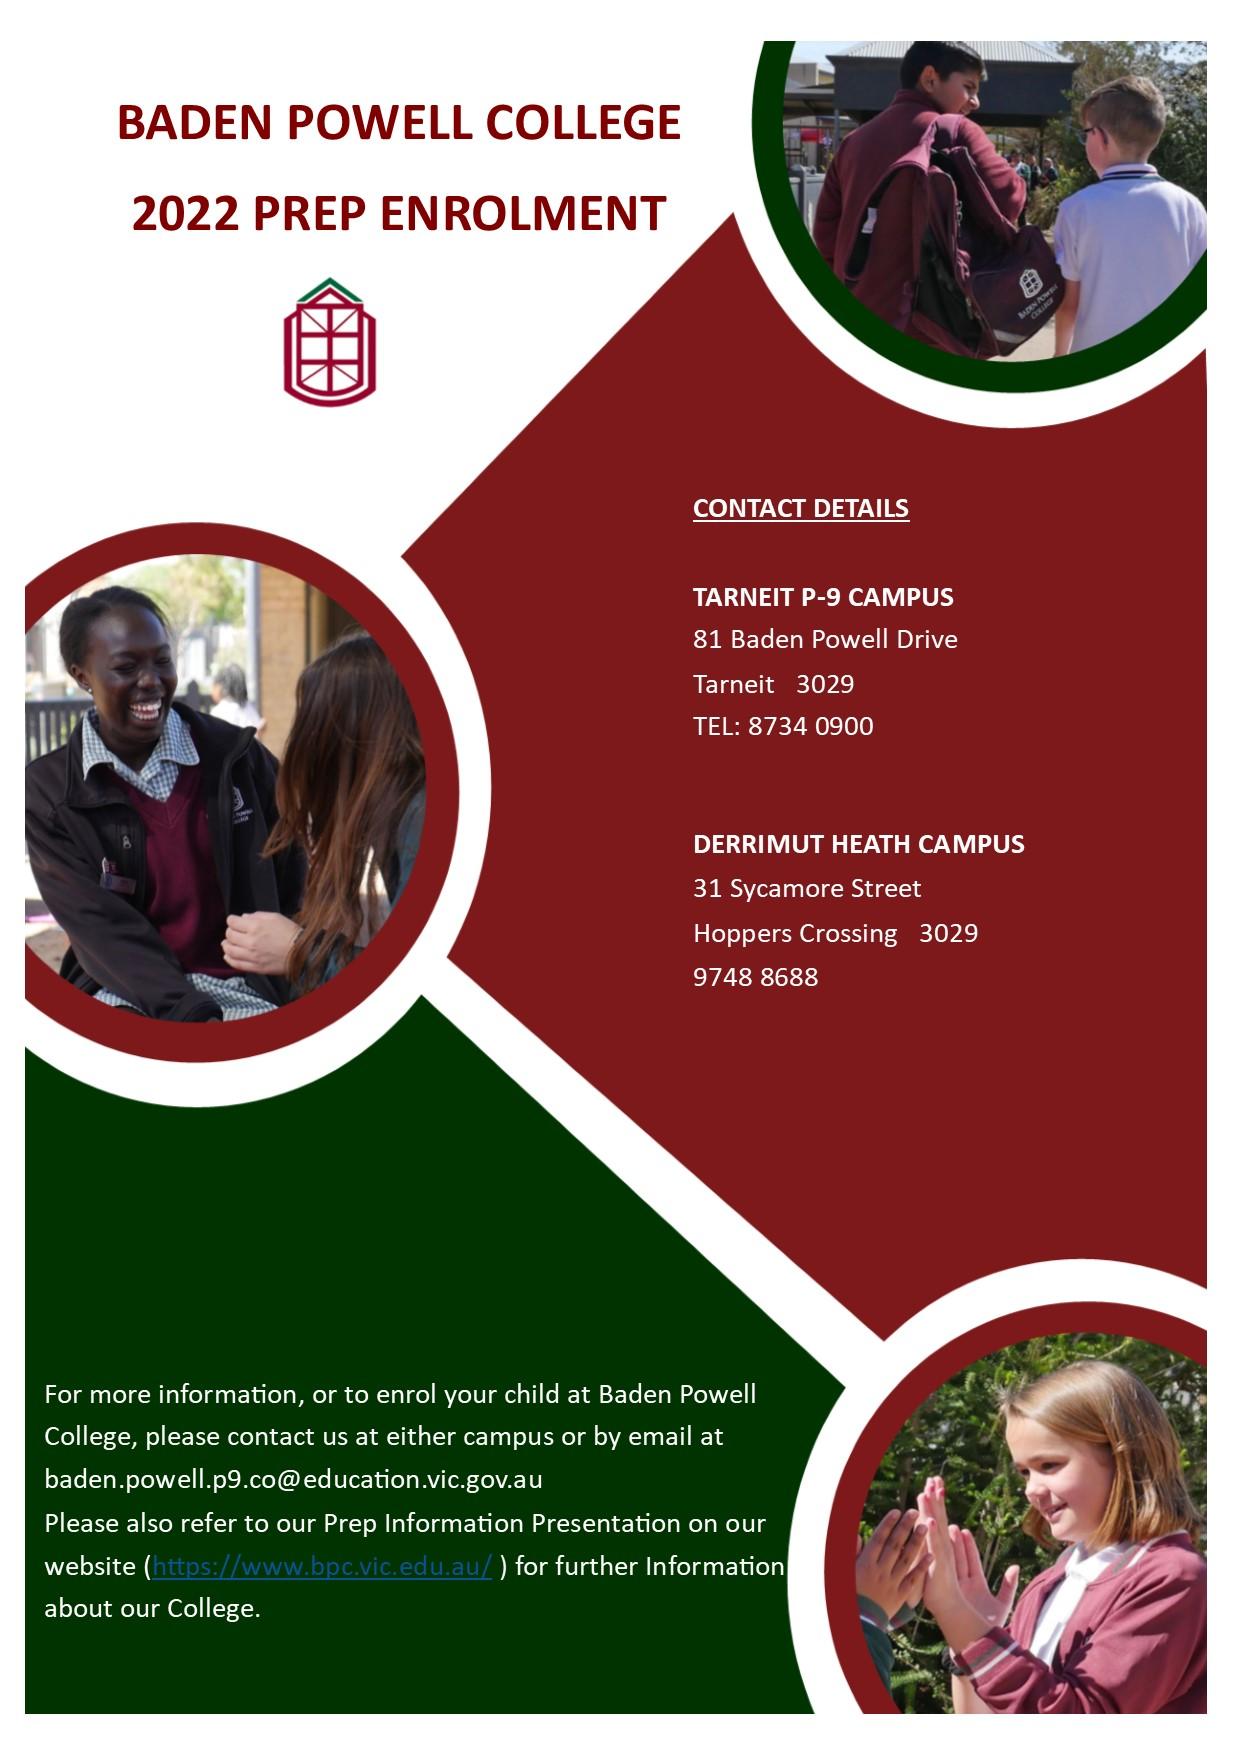 Enrolment Contact details